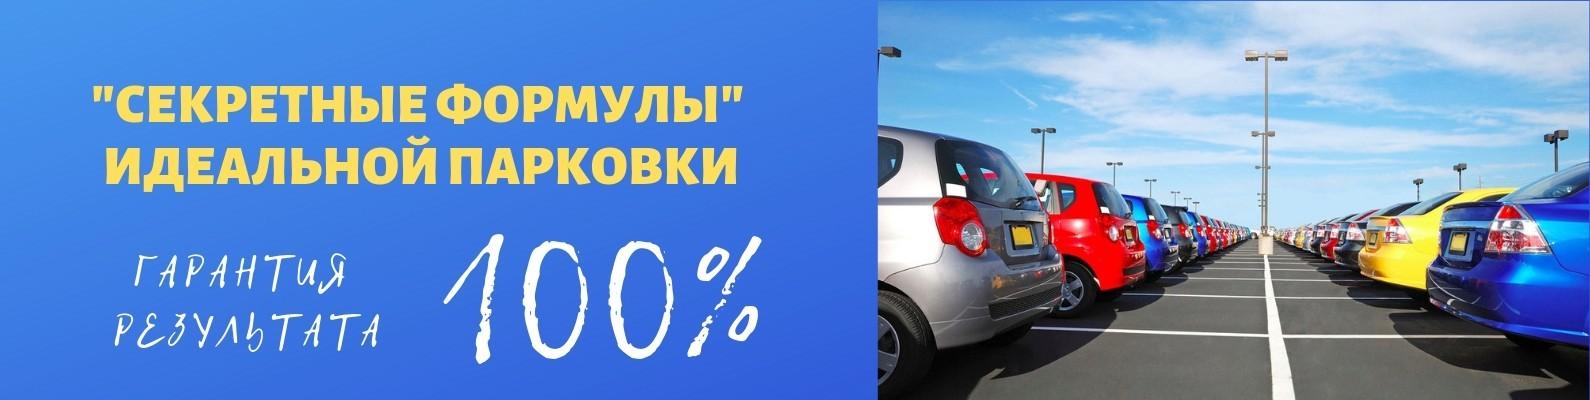 Бесплатный вебинар «Идеальная парковка»